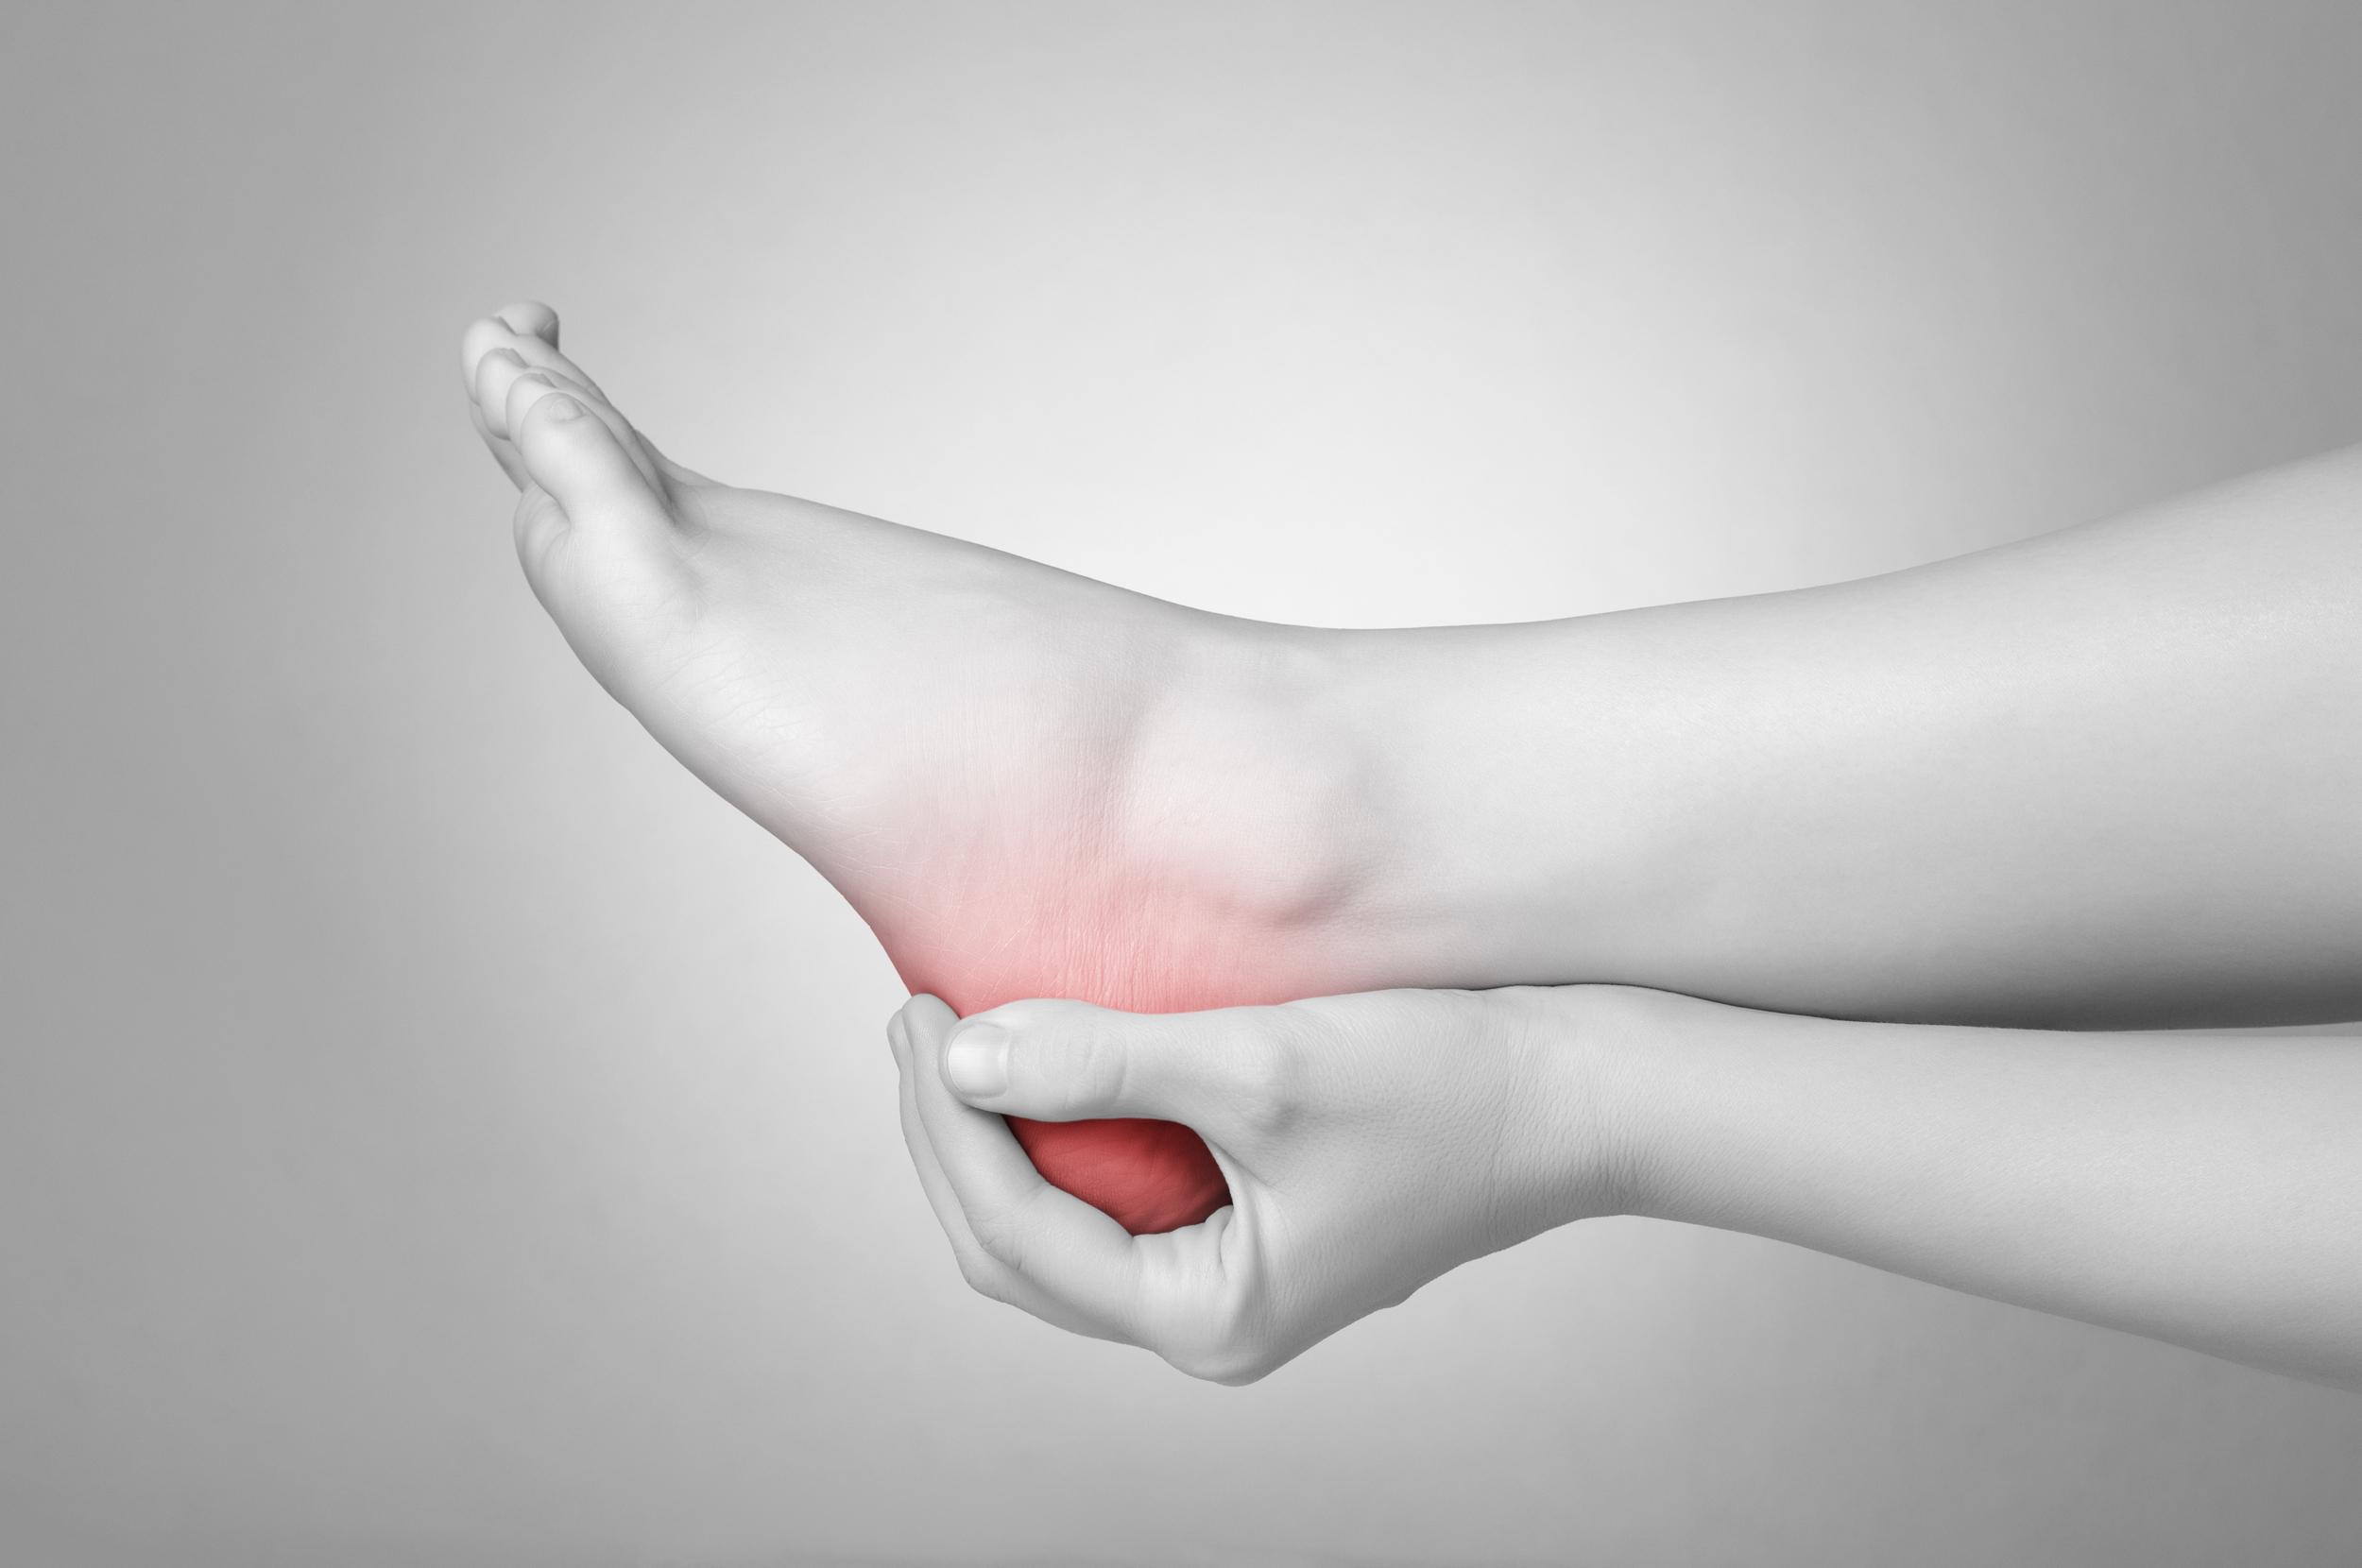 heel pain arch pain